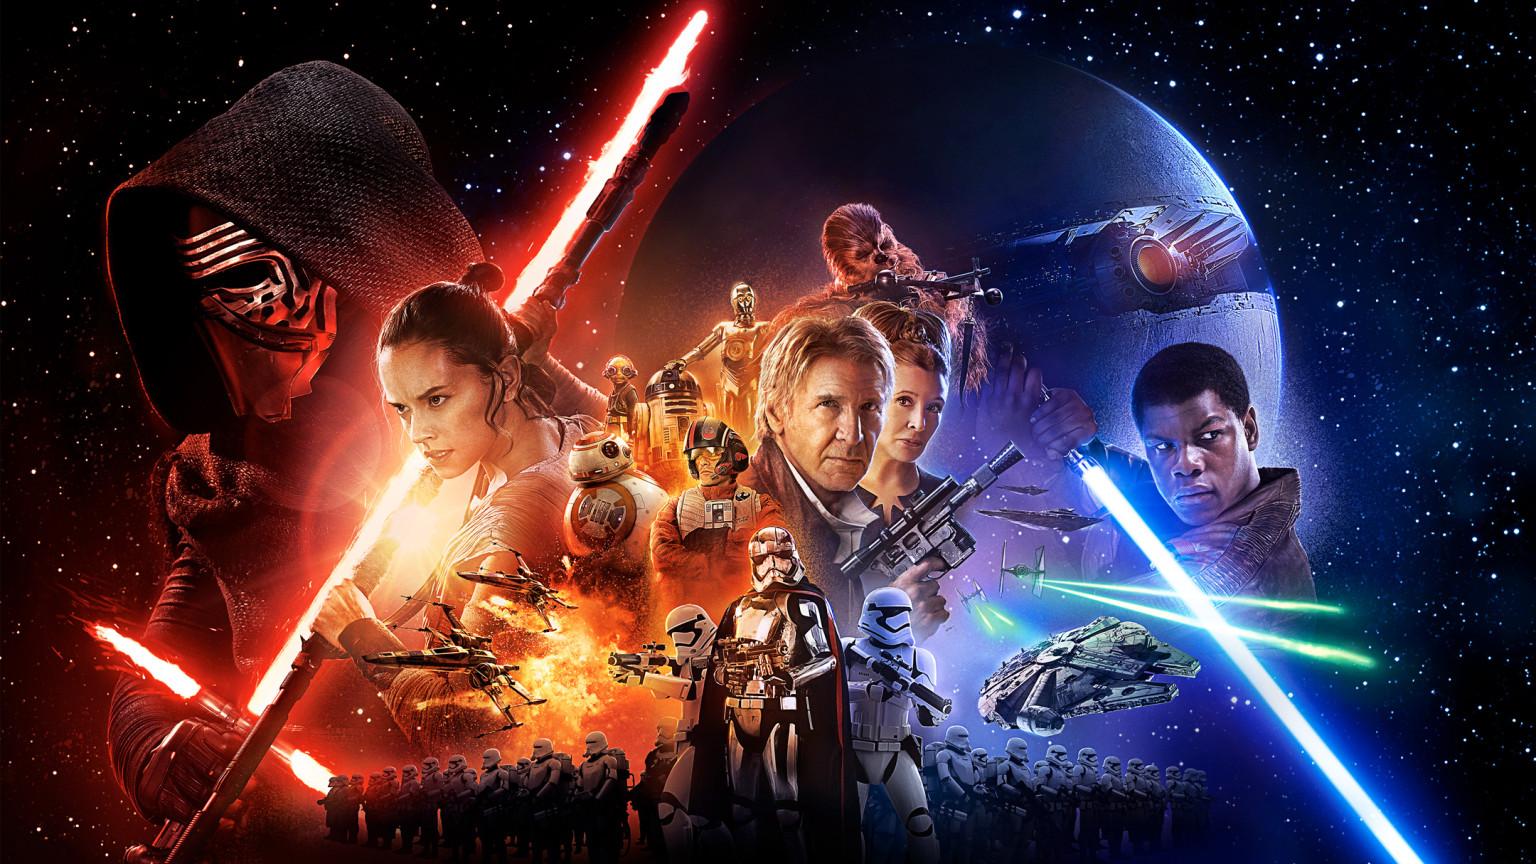 Das Poster zum neuen Star Wars-Film